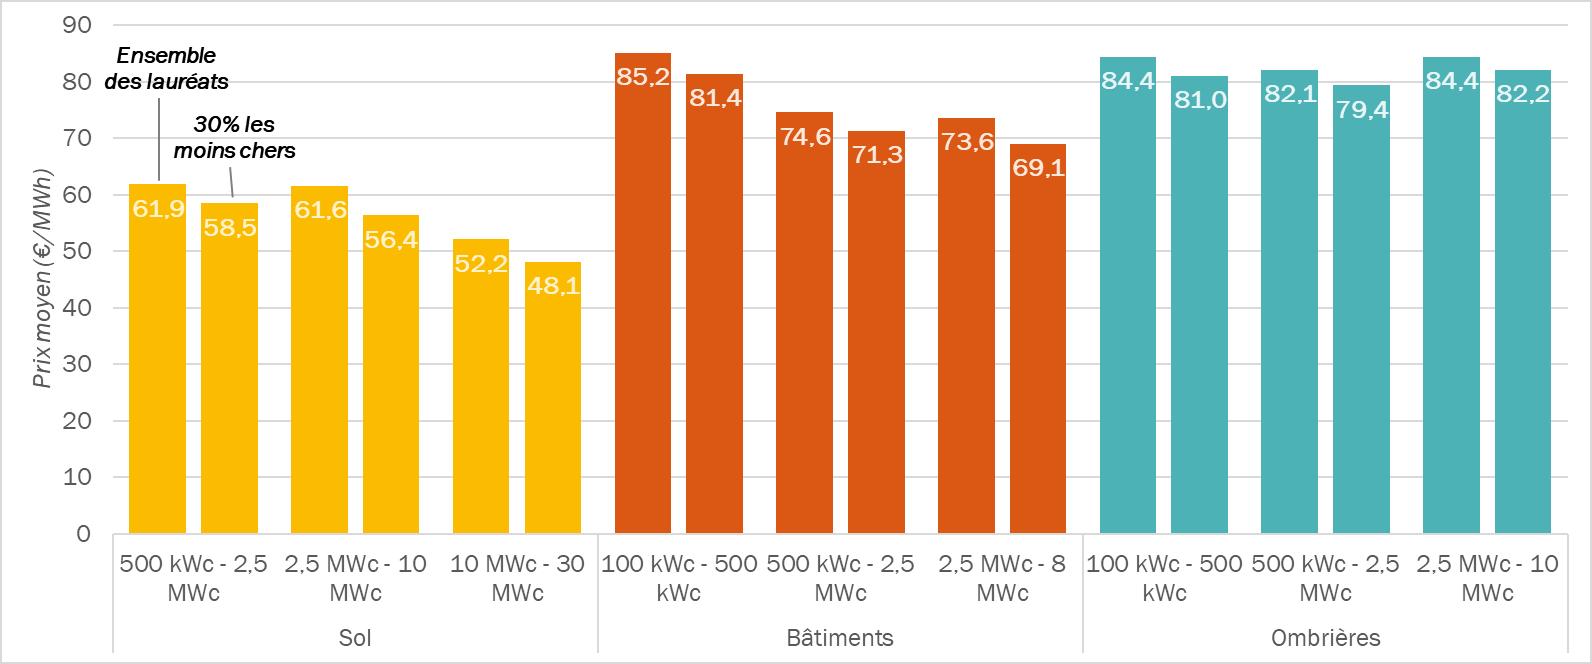 Le photovoltaïque français est une filière compétitive, affirme la CRE